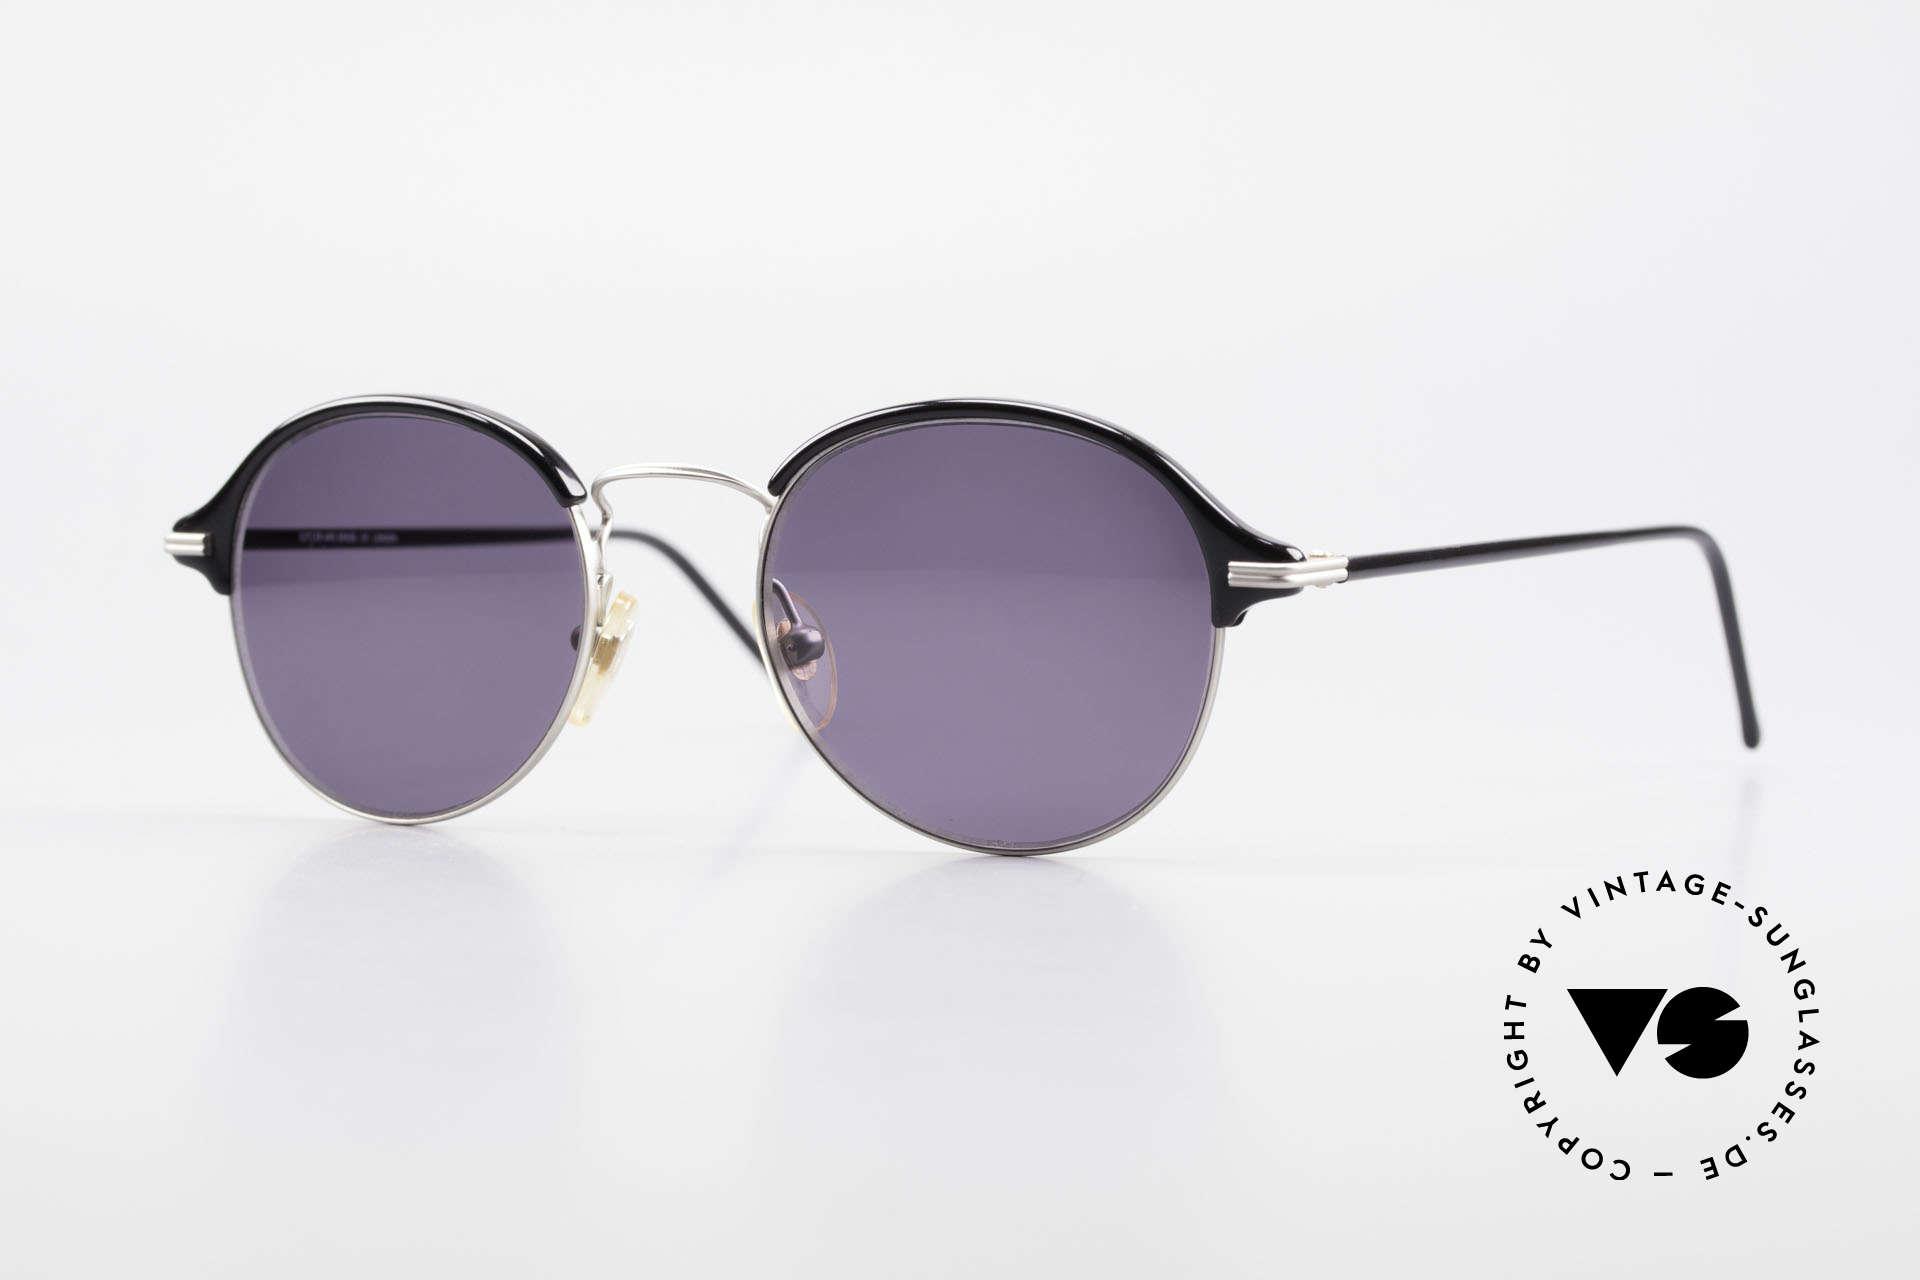 Cutler And Gross 0374 Pantobrille Mit Windsorringen, Cutler & Gross London Designerbrille der späten 90er, Passend für Herren und Damen